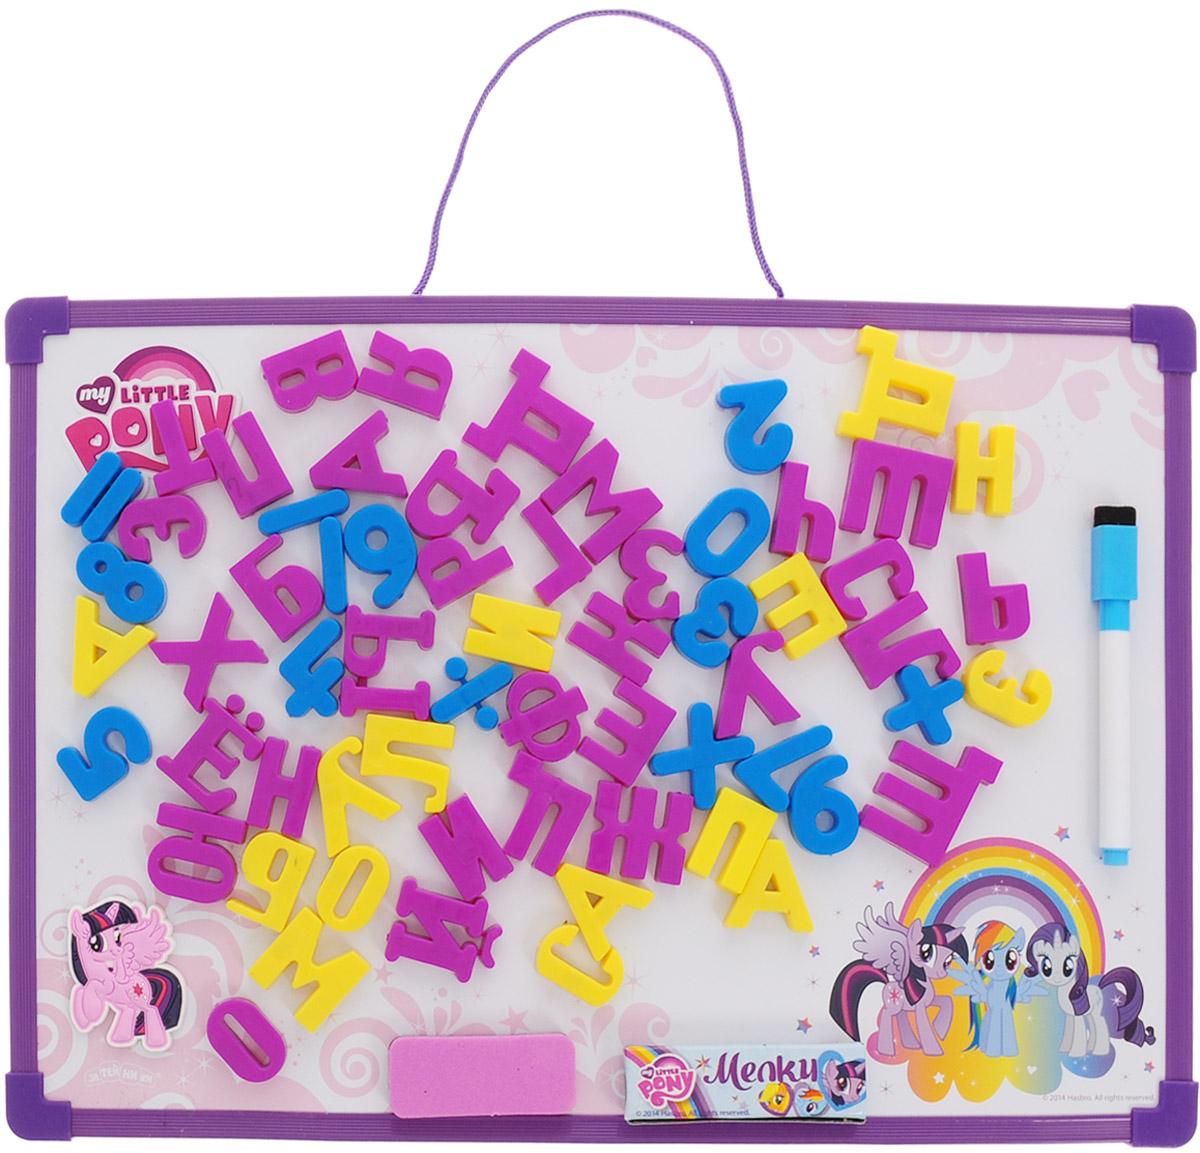 My Little Pony Магнитно-маркерная доска цвет фиолетовый 28 х 40 см1131477Если ваш ребенок очень любит рисовать, то доска для рисования My Little Pony отлично для этого подойдет. Игрушка красиво оформлена изображениями персонажей из детского мультфильма. Доска магнитная My Little Pony позволит малышу удобно выкладывать буквы, также на ней можно рисовать маркером. Доска для рисования поможет вашему ребенку подготовиться к школьным занятиям. С ней он быстро выучит буквы из алфавита и сможет складывать целые слова или предложения. Доска предназначена для обучения и развития у детей творческих способностей.